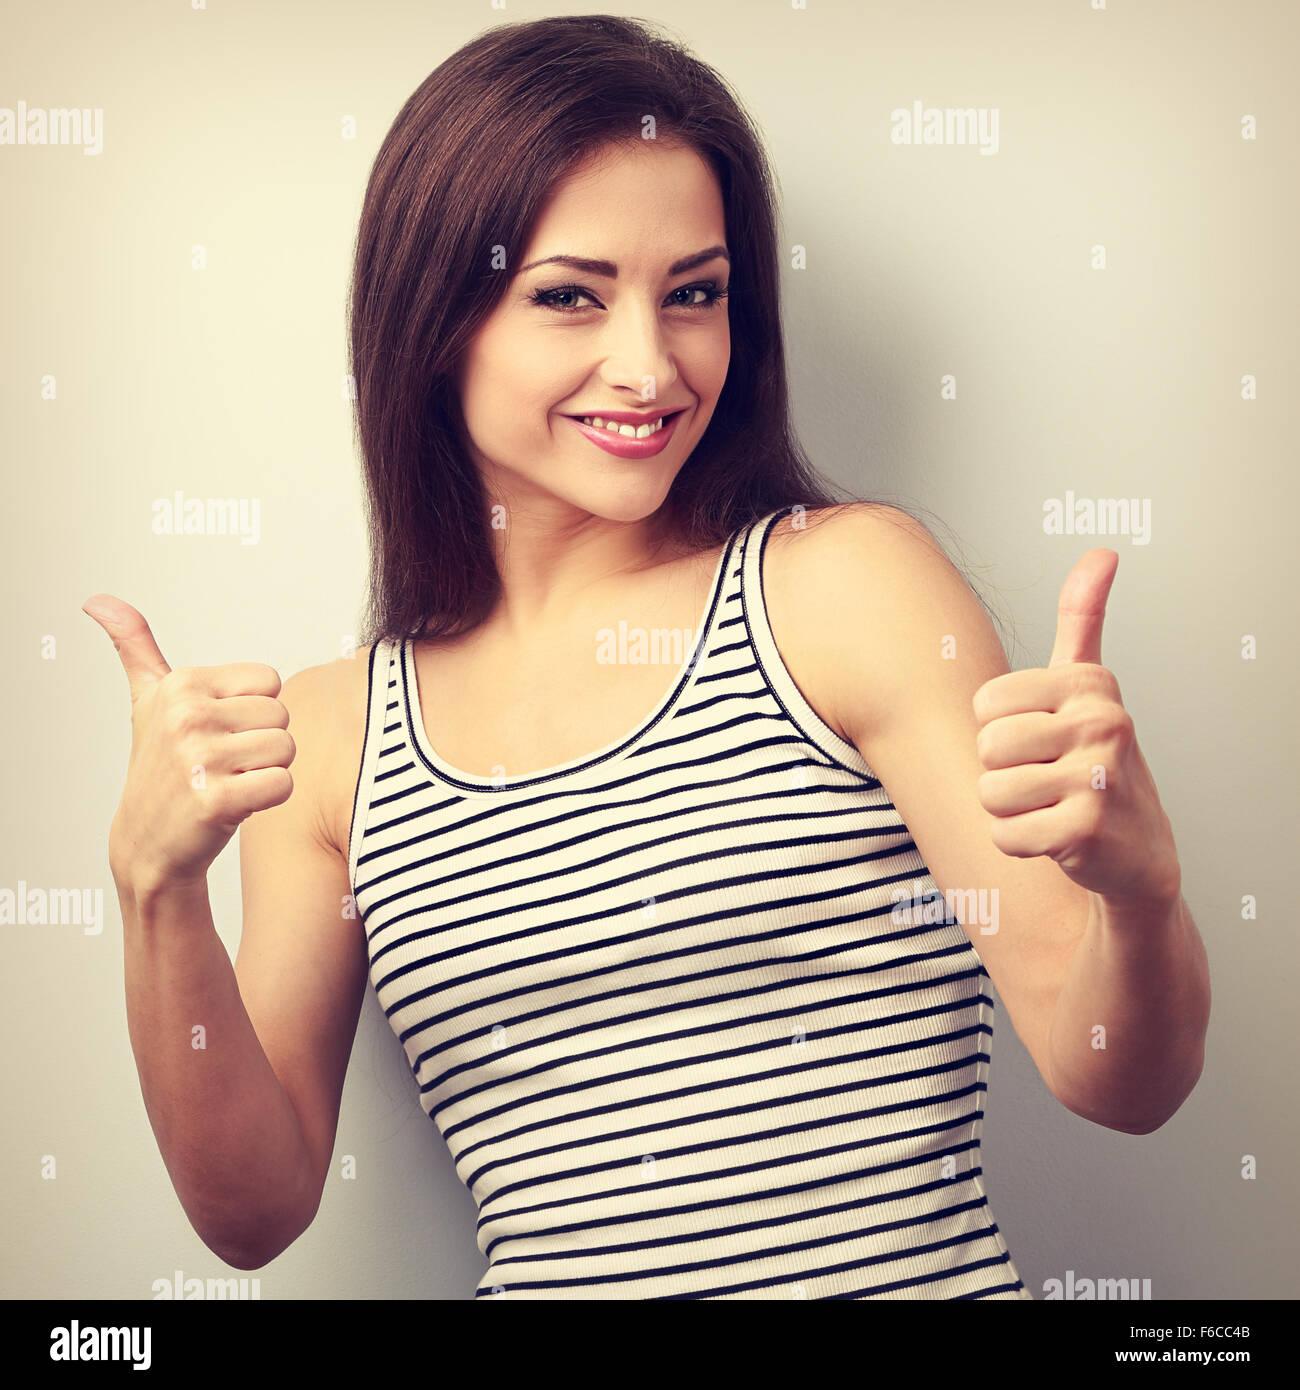 Feliz éxito casual joven mujer mostrando pulgar arriba firmar. Retrato de tonos Vintage Imagen De Stock